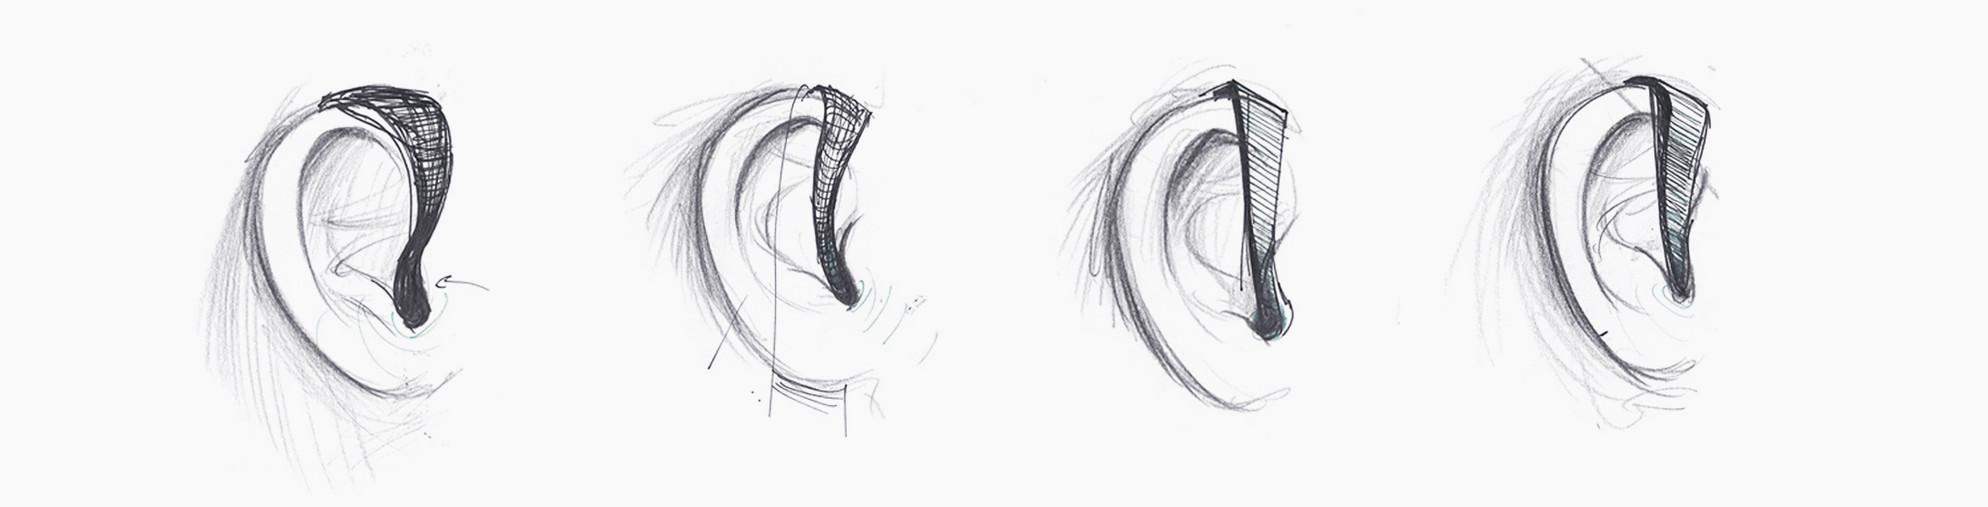 ear 1.jpg